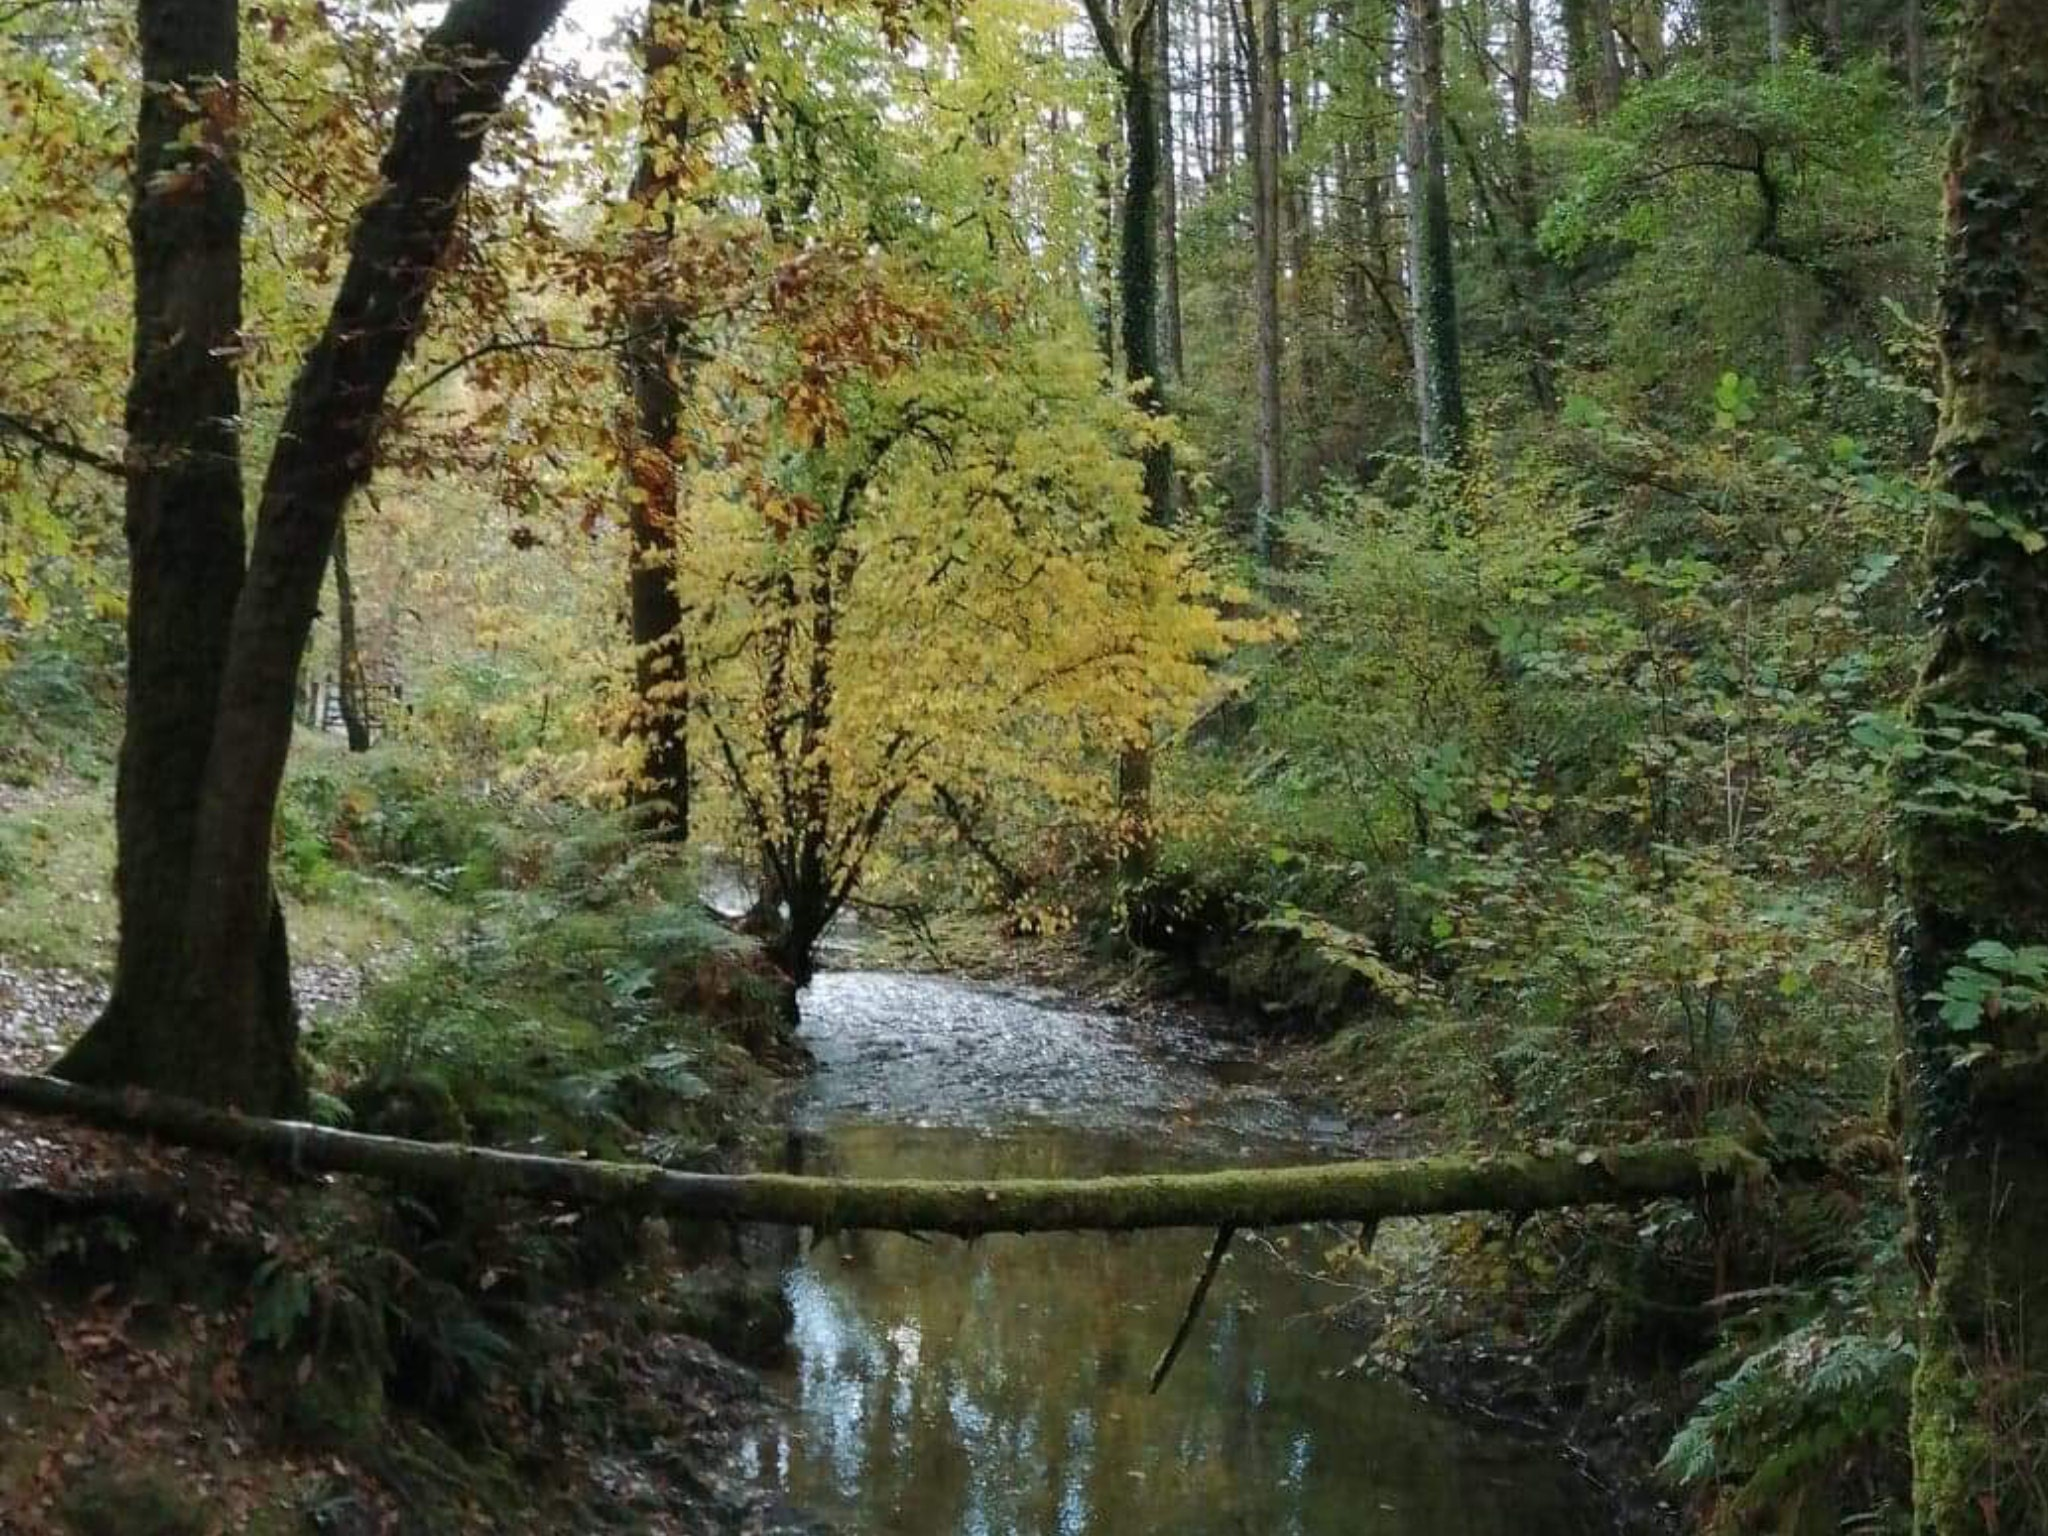 Elm in Autumn - Brechfa Forest Abergorlech